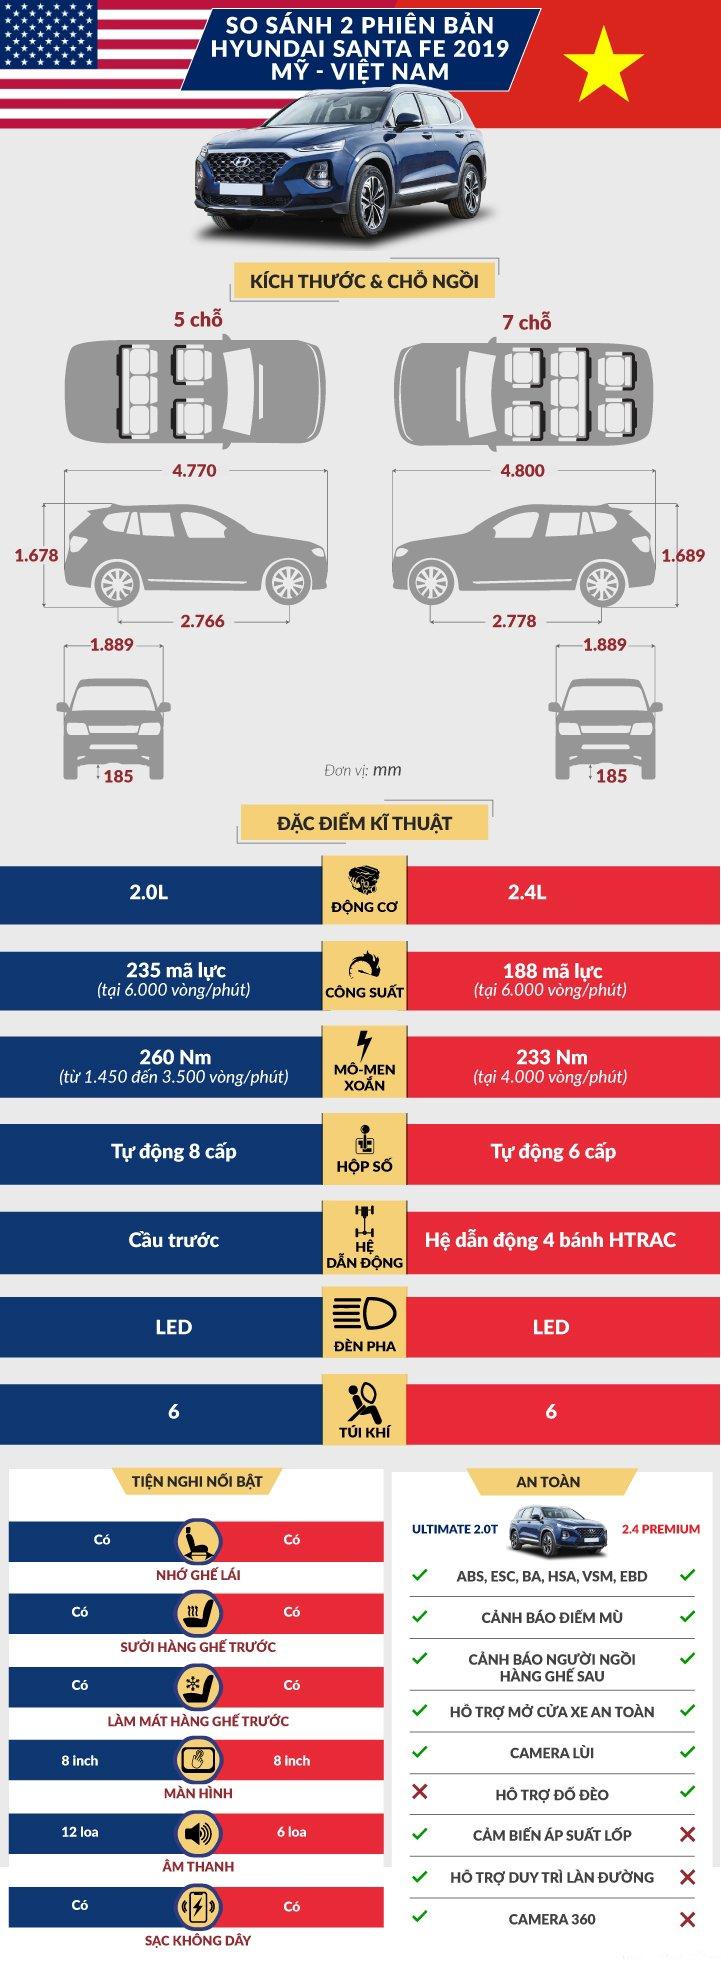 Sự khác biệt giữa bản Hyundai Santa Fe 2019 2.4 Premium tại Việt Nam và Mỹ.